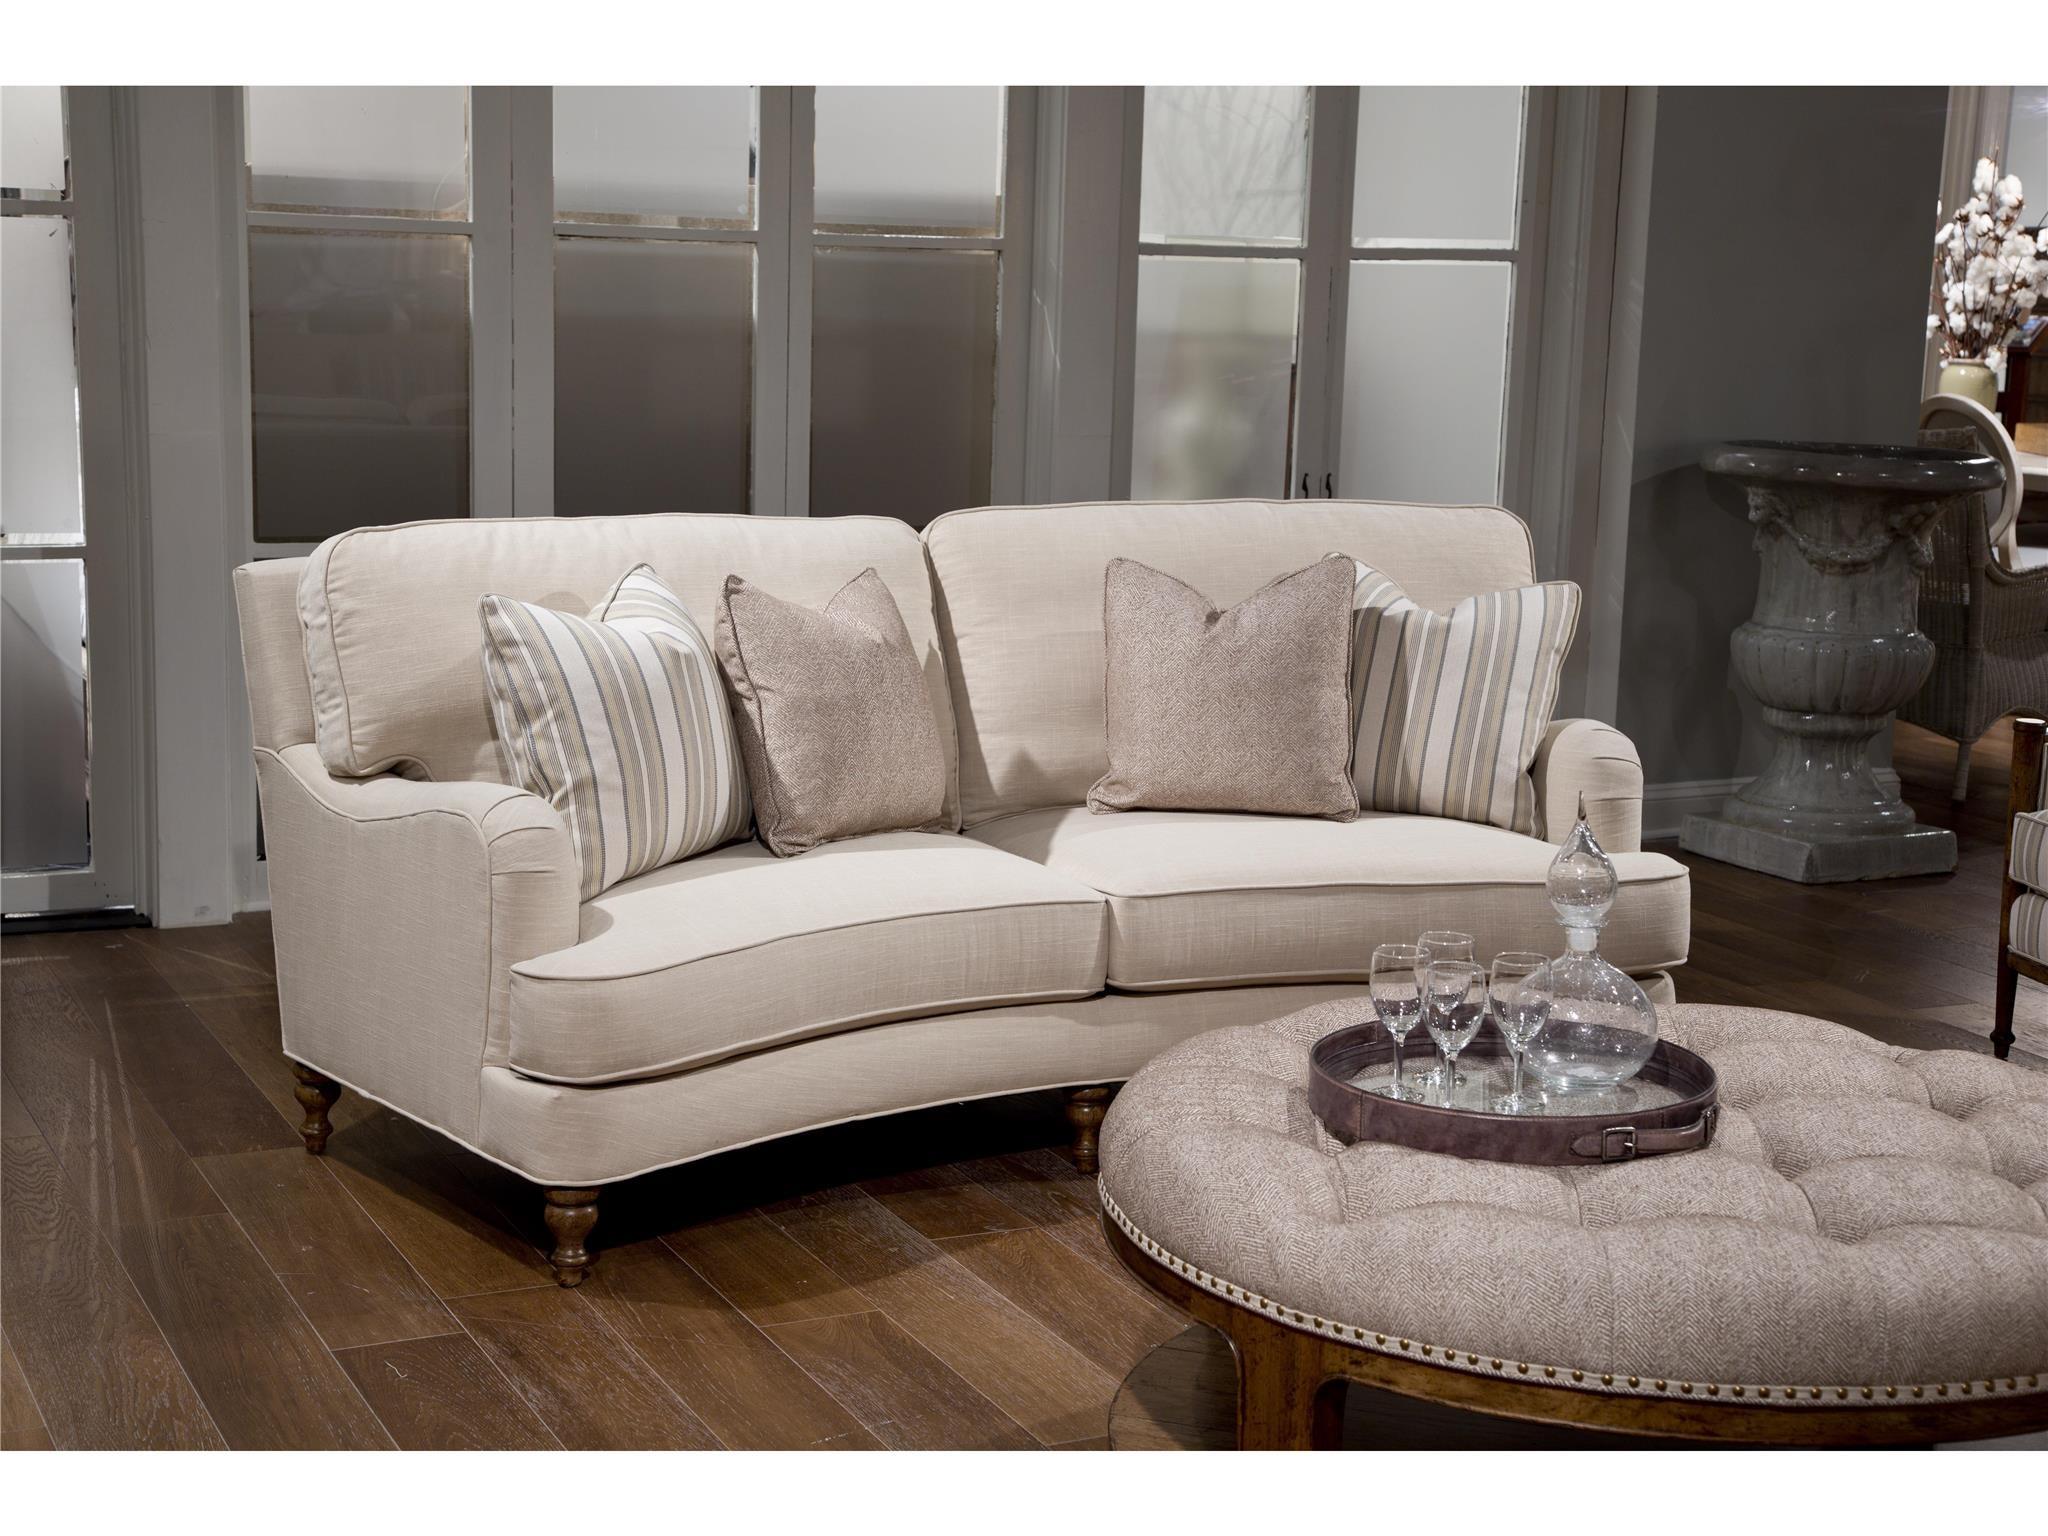 fine furniture design living room grace sofa 5515 01 carol house rh carolhouse com Carol House Pet Clinic carol house sectional sofas